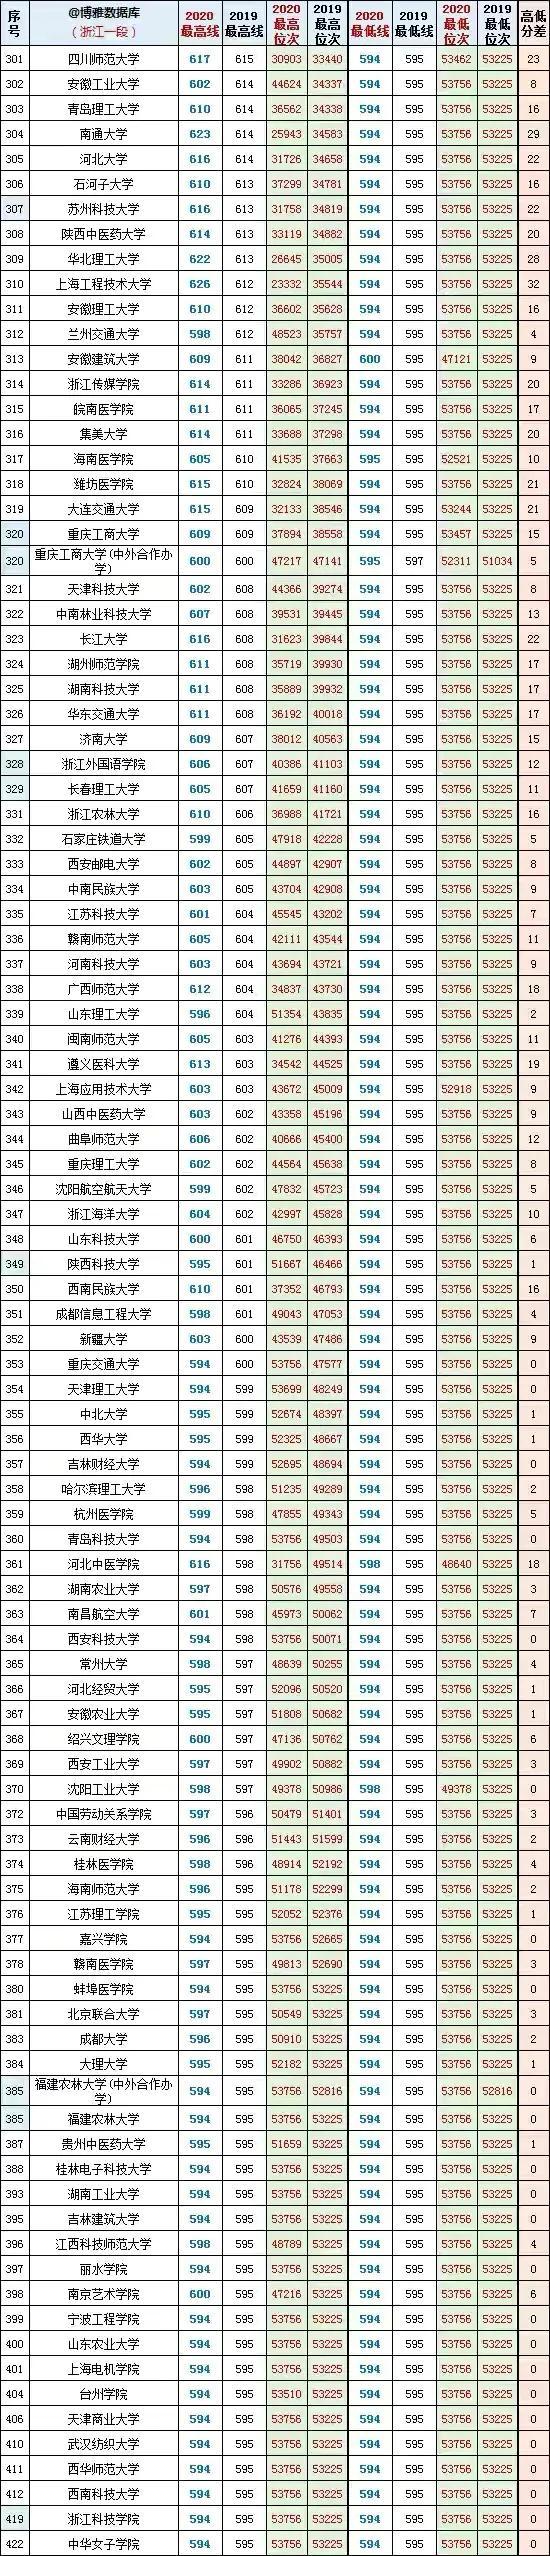 浙江本科大学的最低录取分数线和最低排名